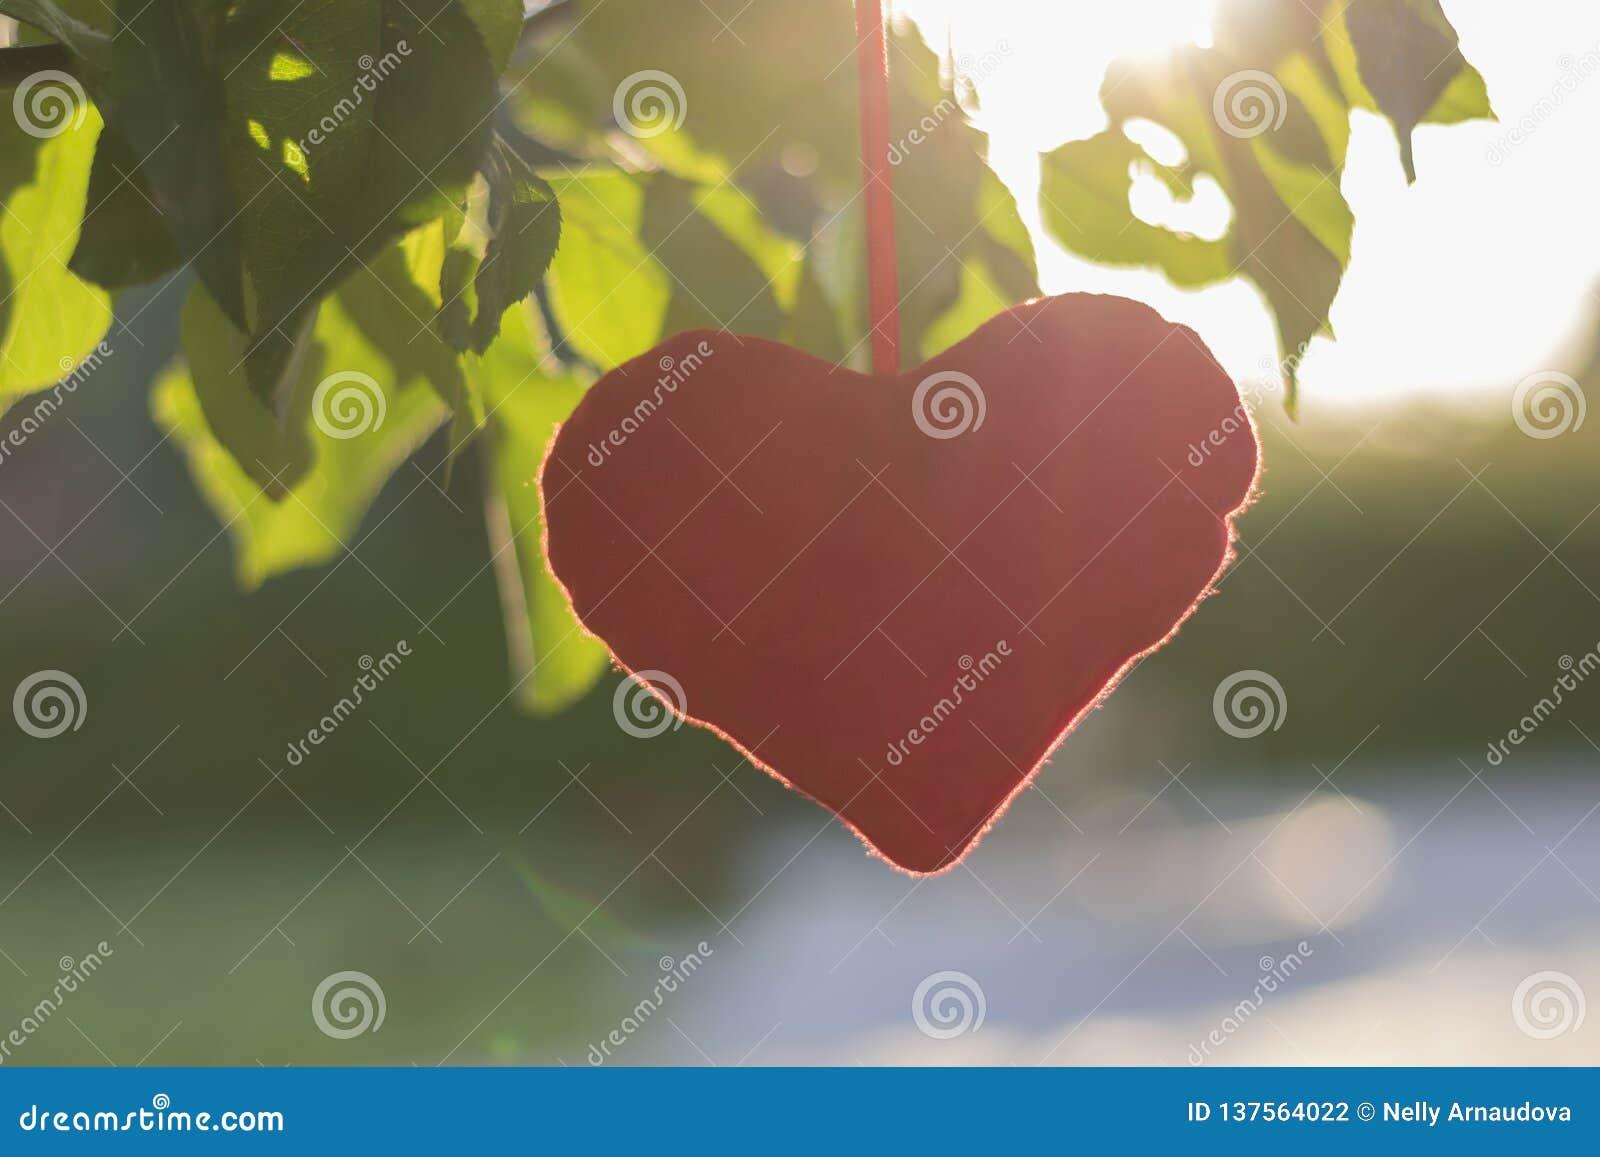 Juguete de la felpa - un corazón atado a un árbol con las hojas verdes